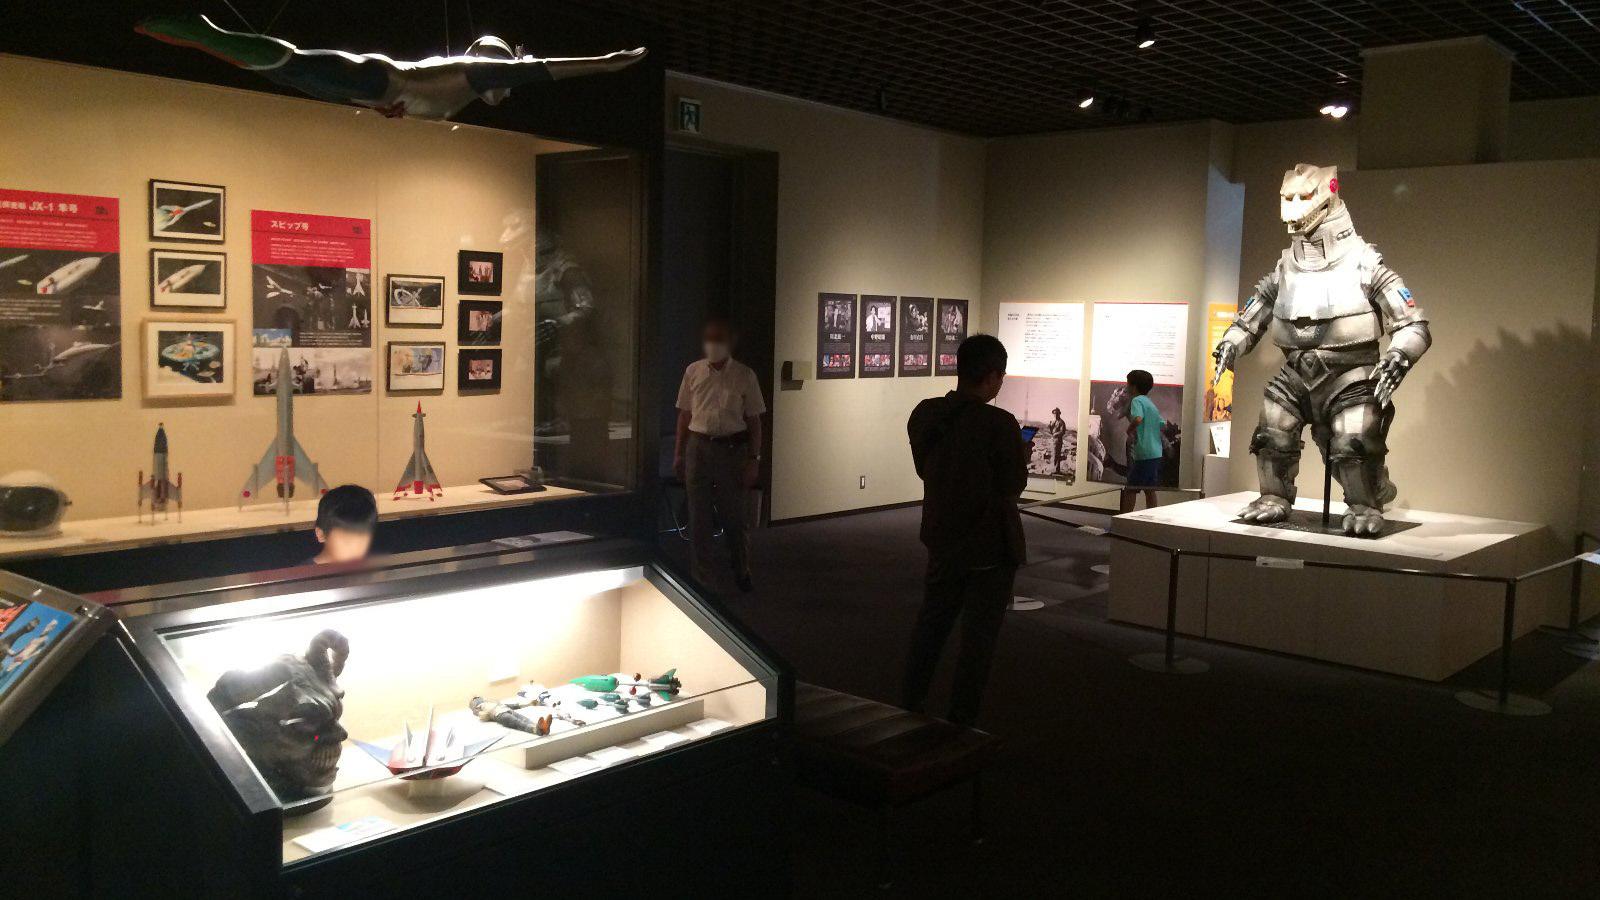 特撮のDNA展 一階展示場